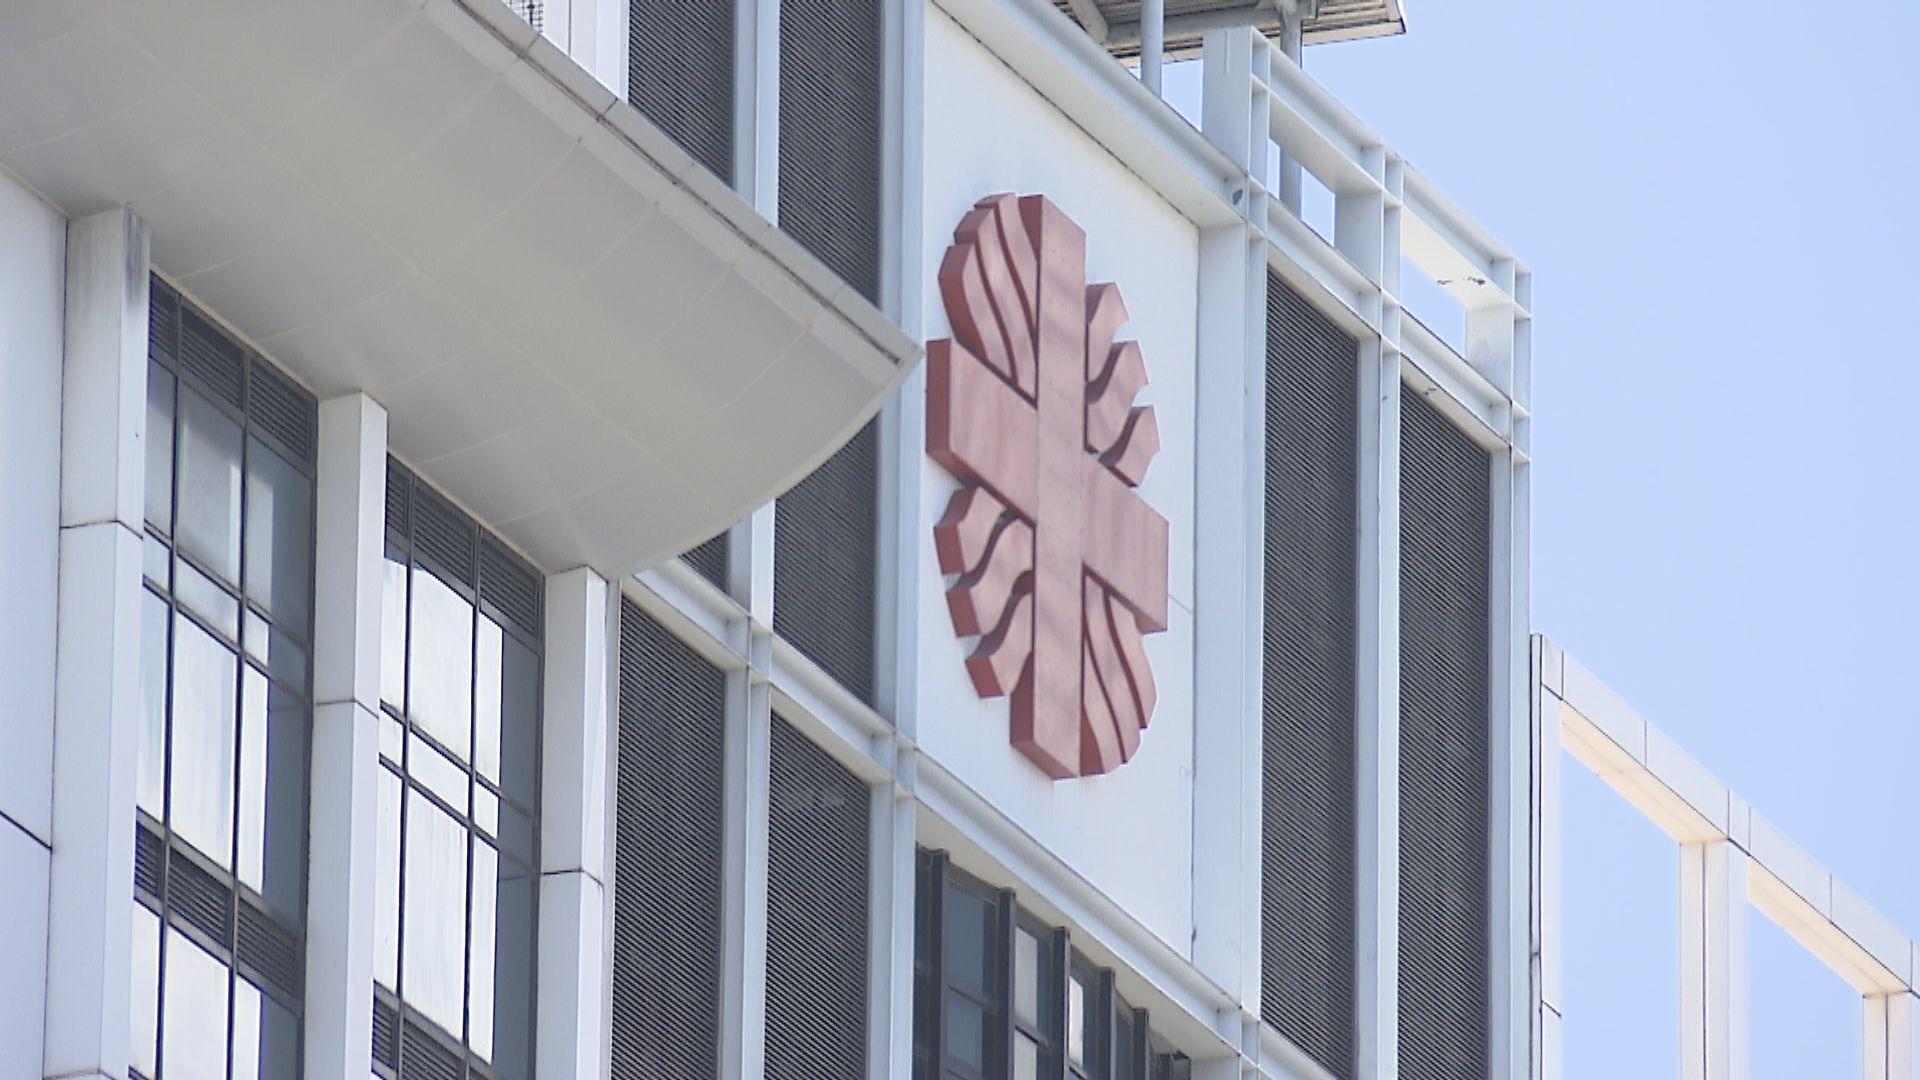 明愛醫院一名新冠病人抽風系統更換期間接受檢查